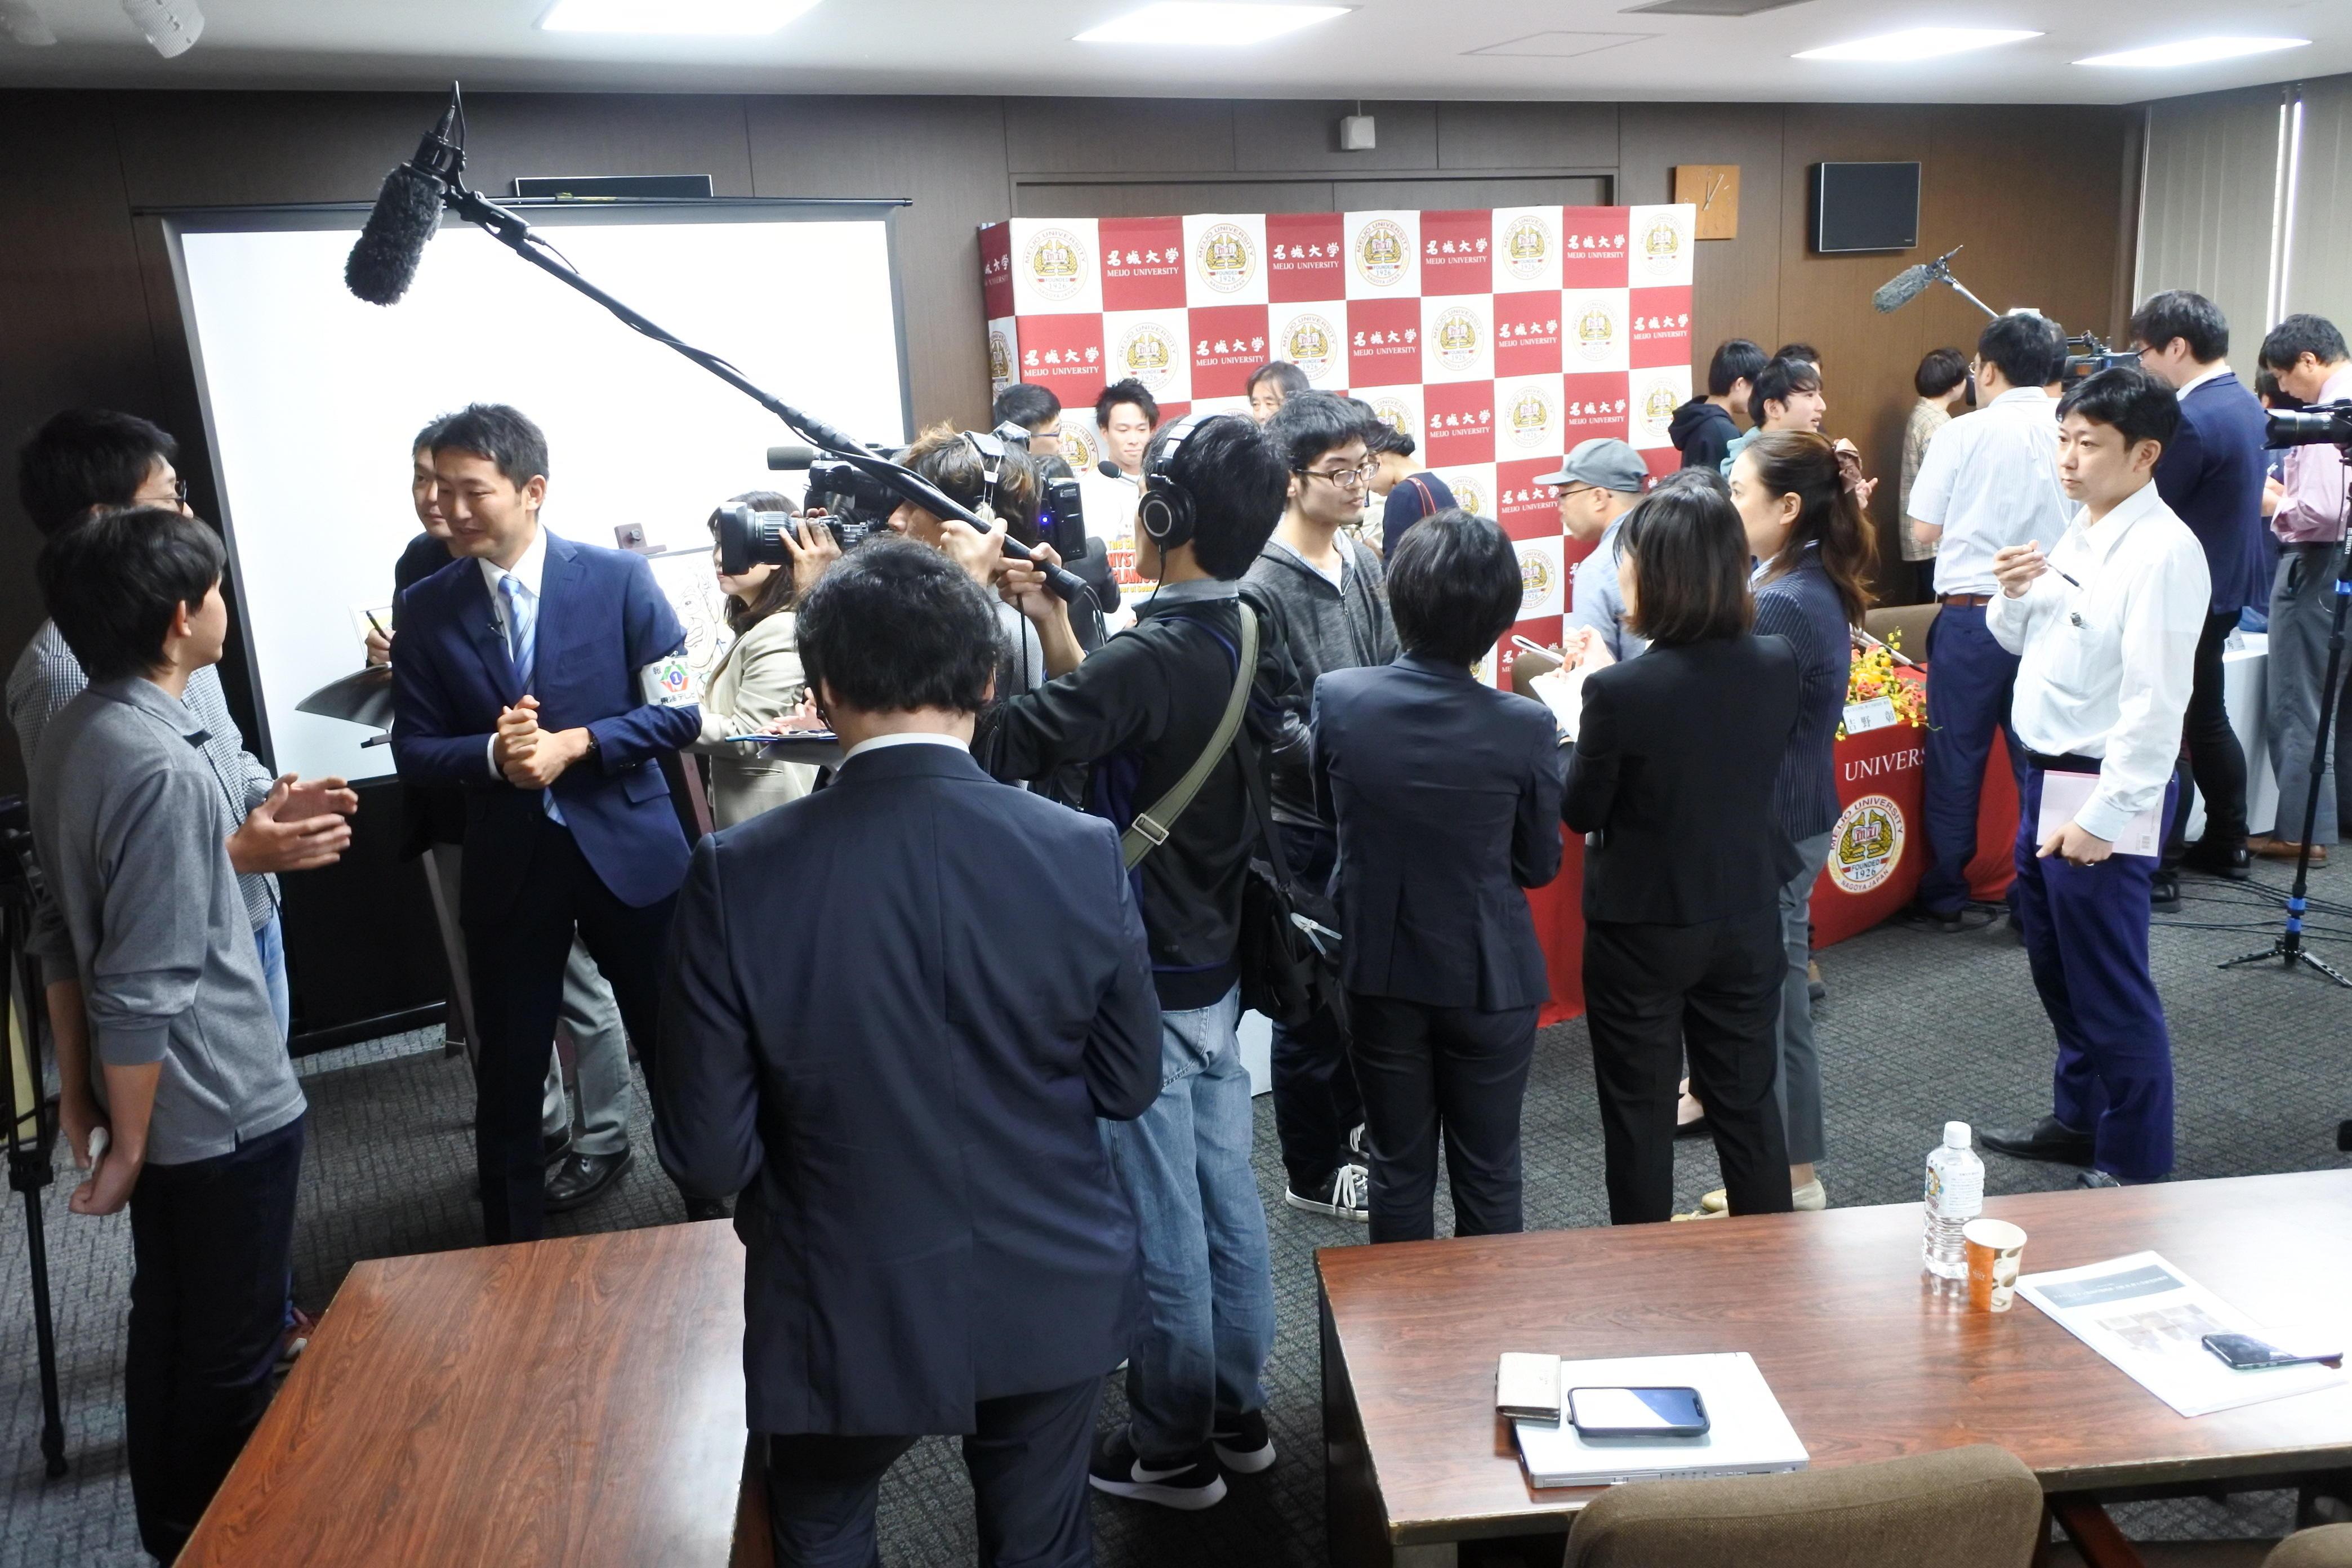 記者会見後、マスコミのインタビューを受ける院生たち